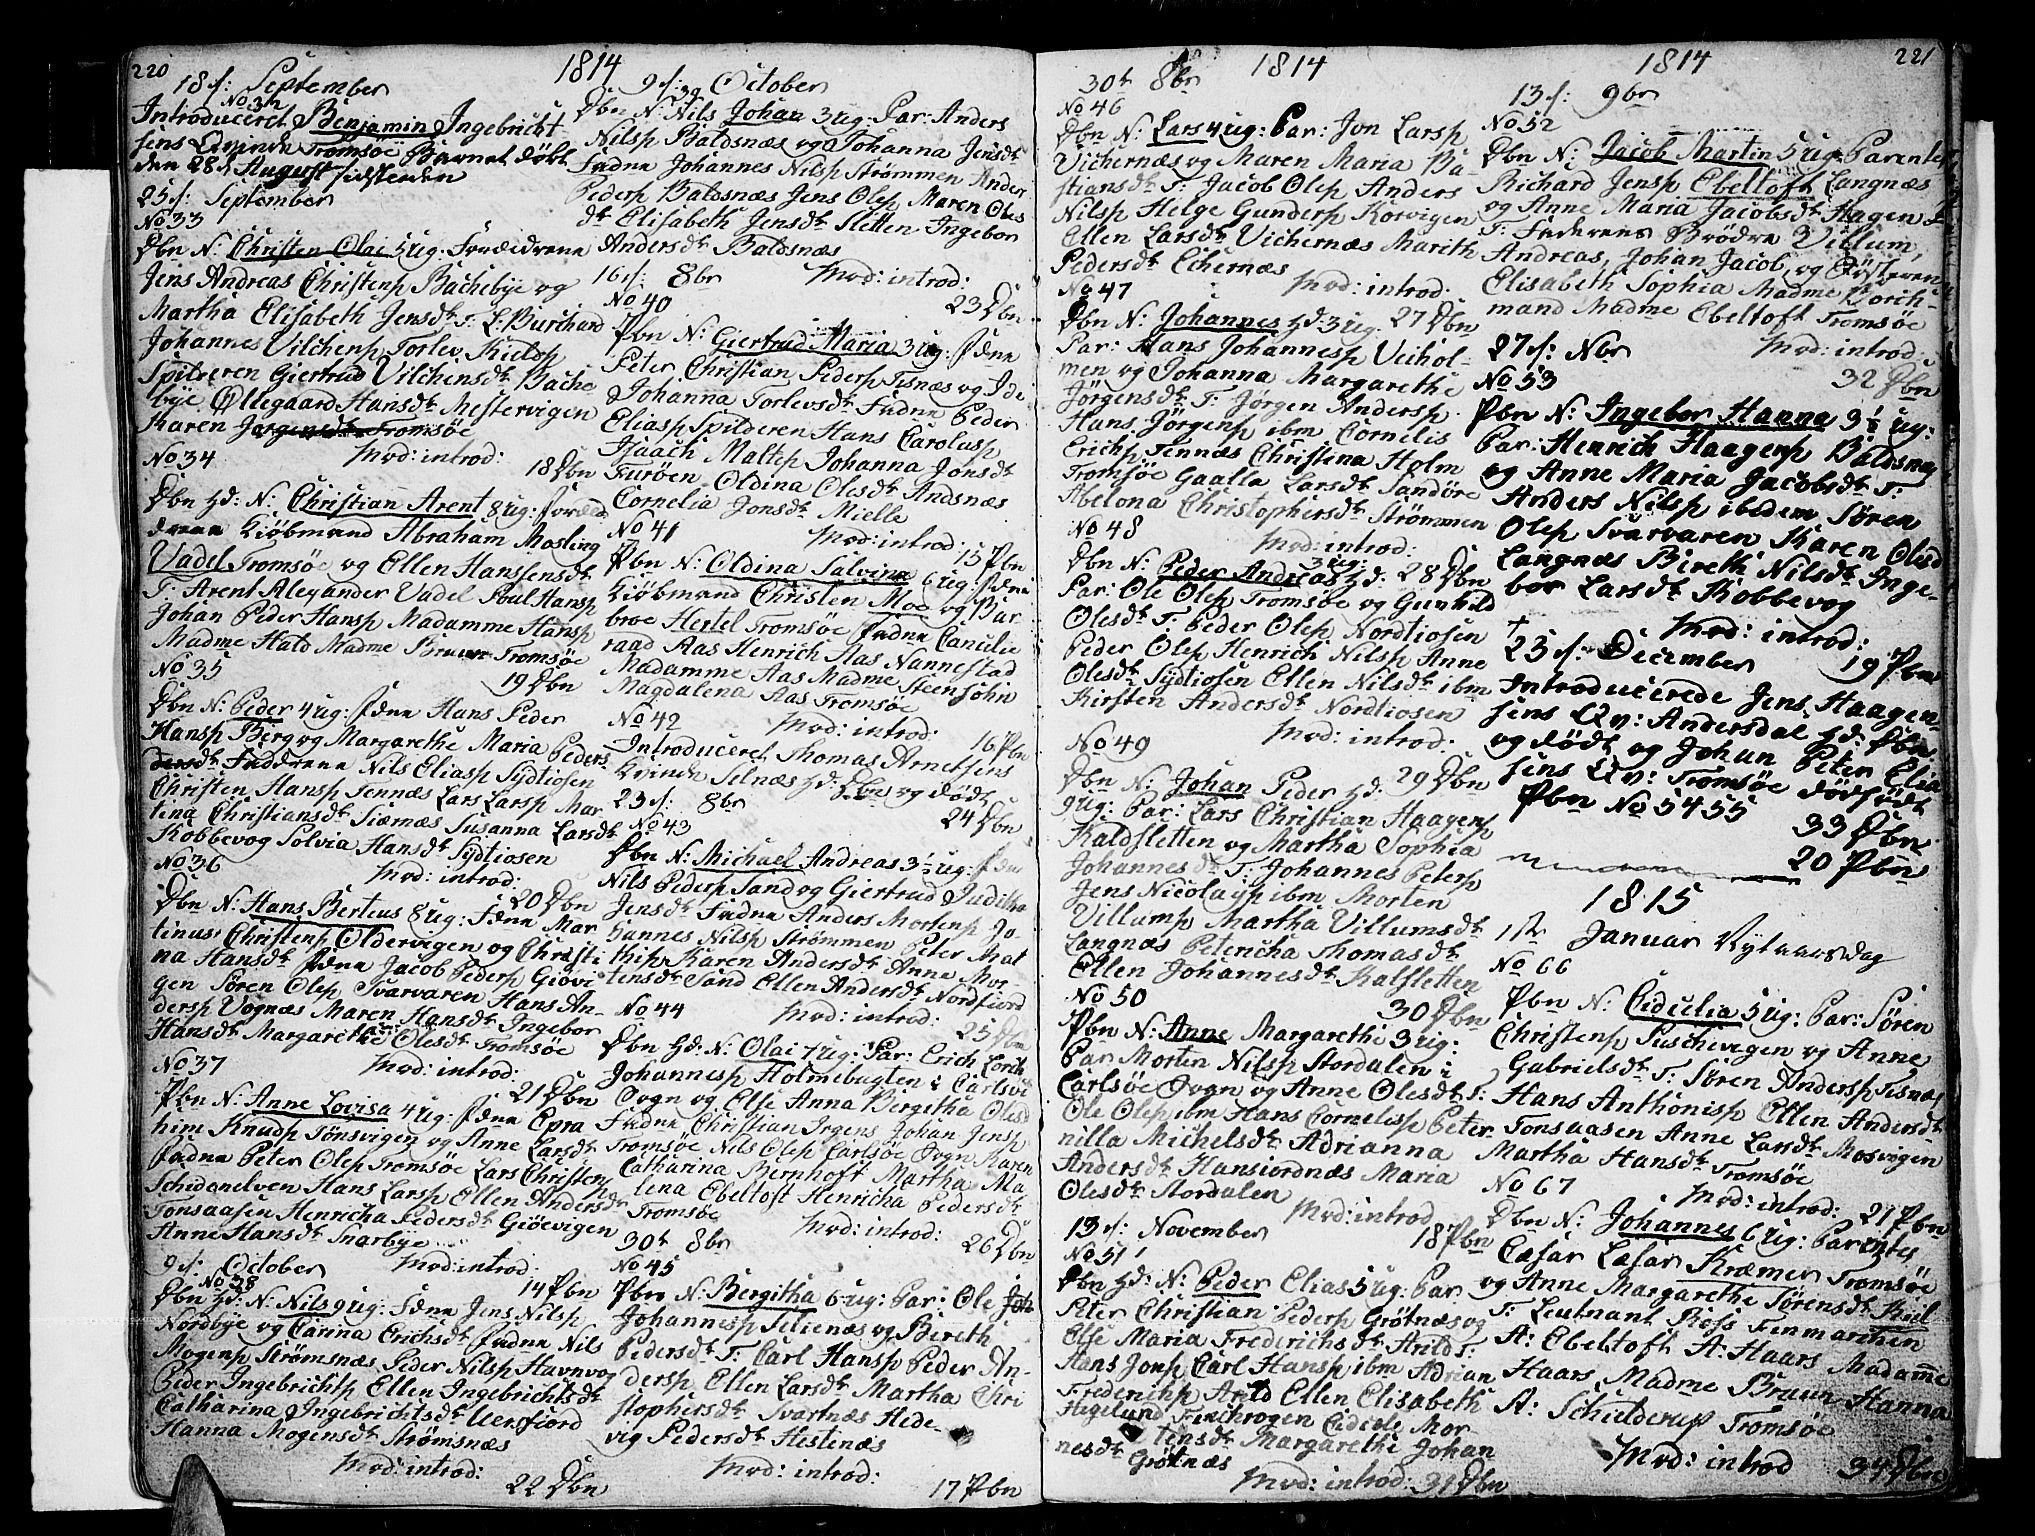 SATØ, Tromsø sokneprestkontor/stiftsprosti/domprosti, G/Ga/L0006kirke: Ministerialbok nr. 6, 1806-1821, s. 220-221